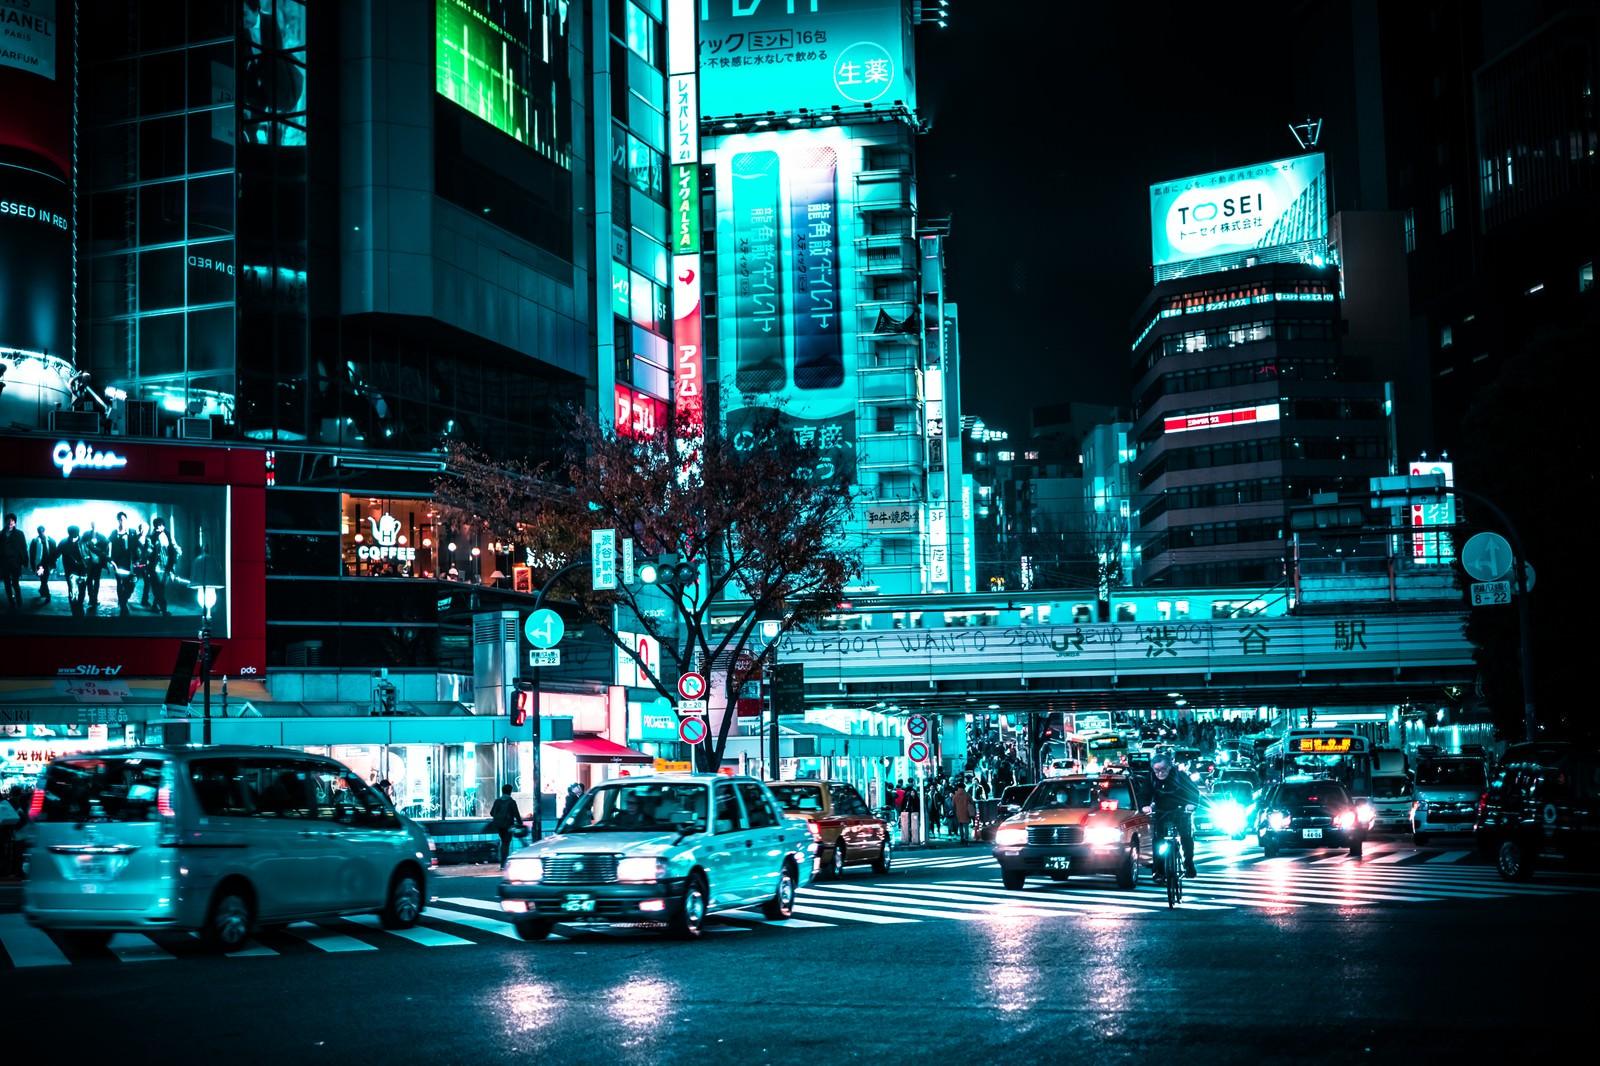 「渋谷駅前の車 | 写真の無料素材・フリー素材 - ぱくたそ」の写真